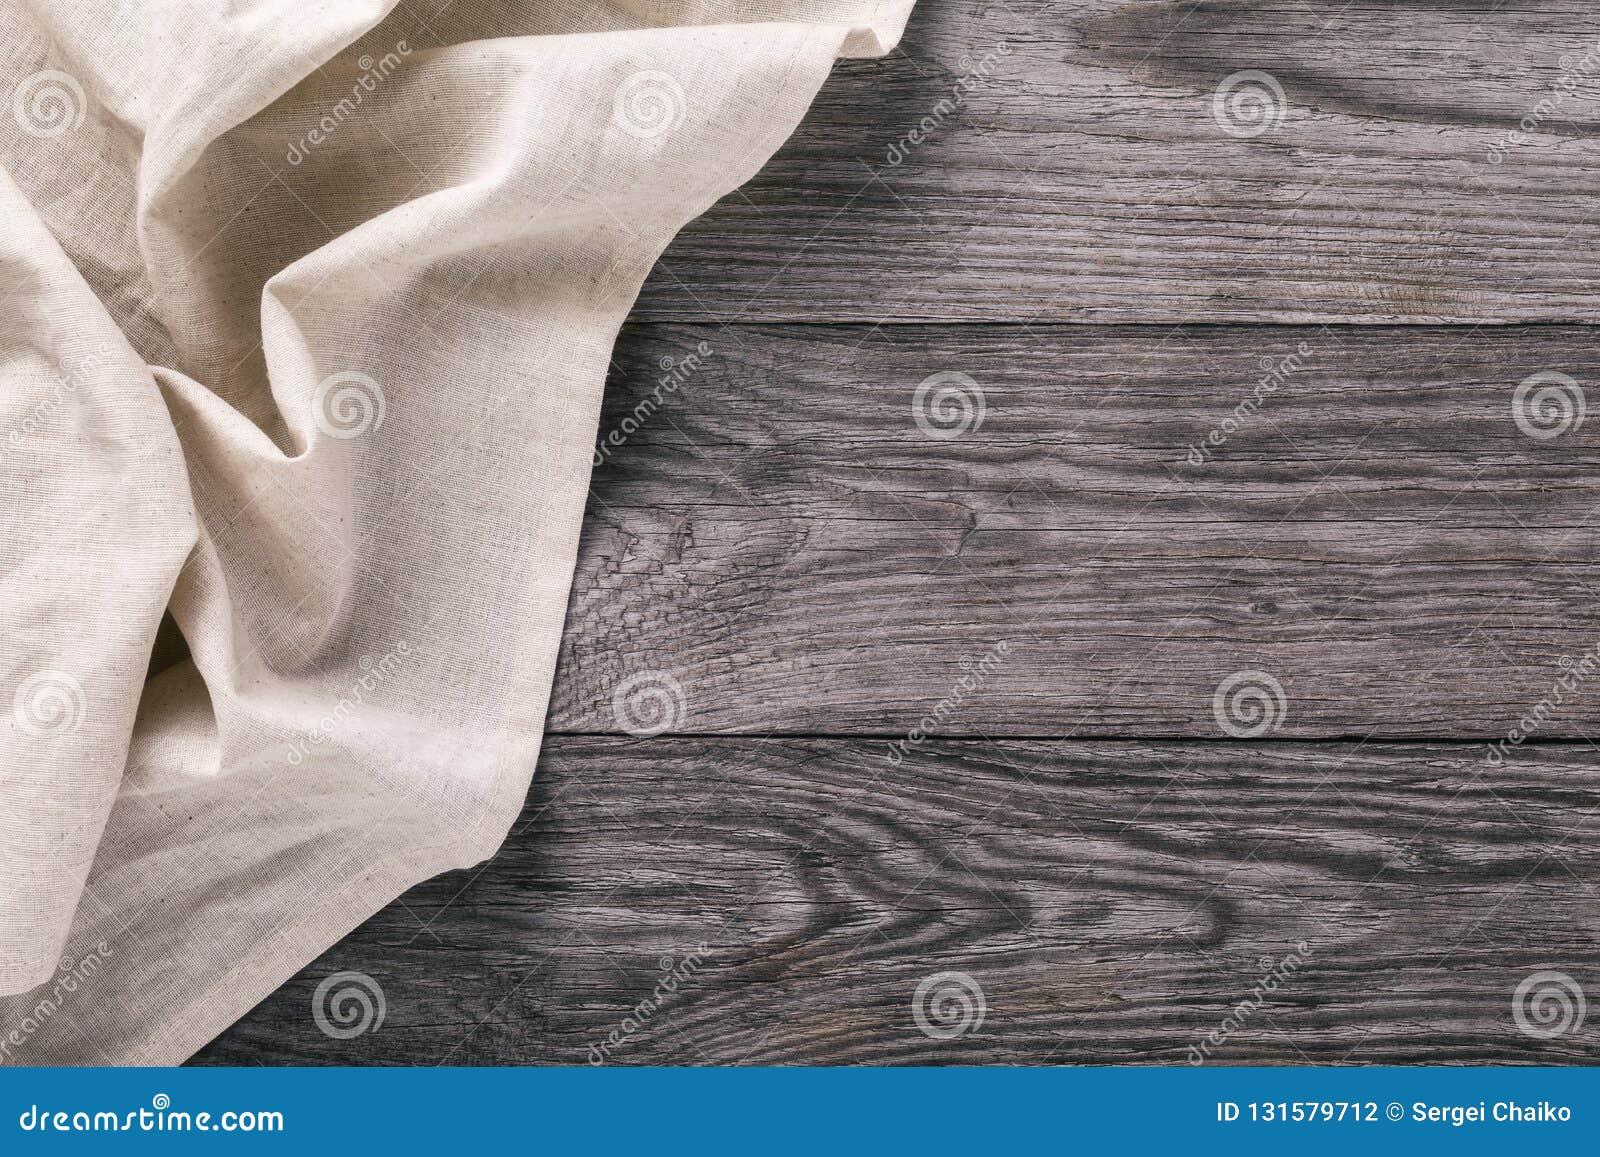 Vue supérieure de la nappe légère sur le côté gauche de la table en bois